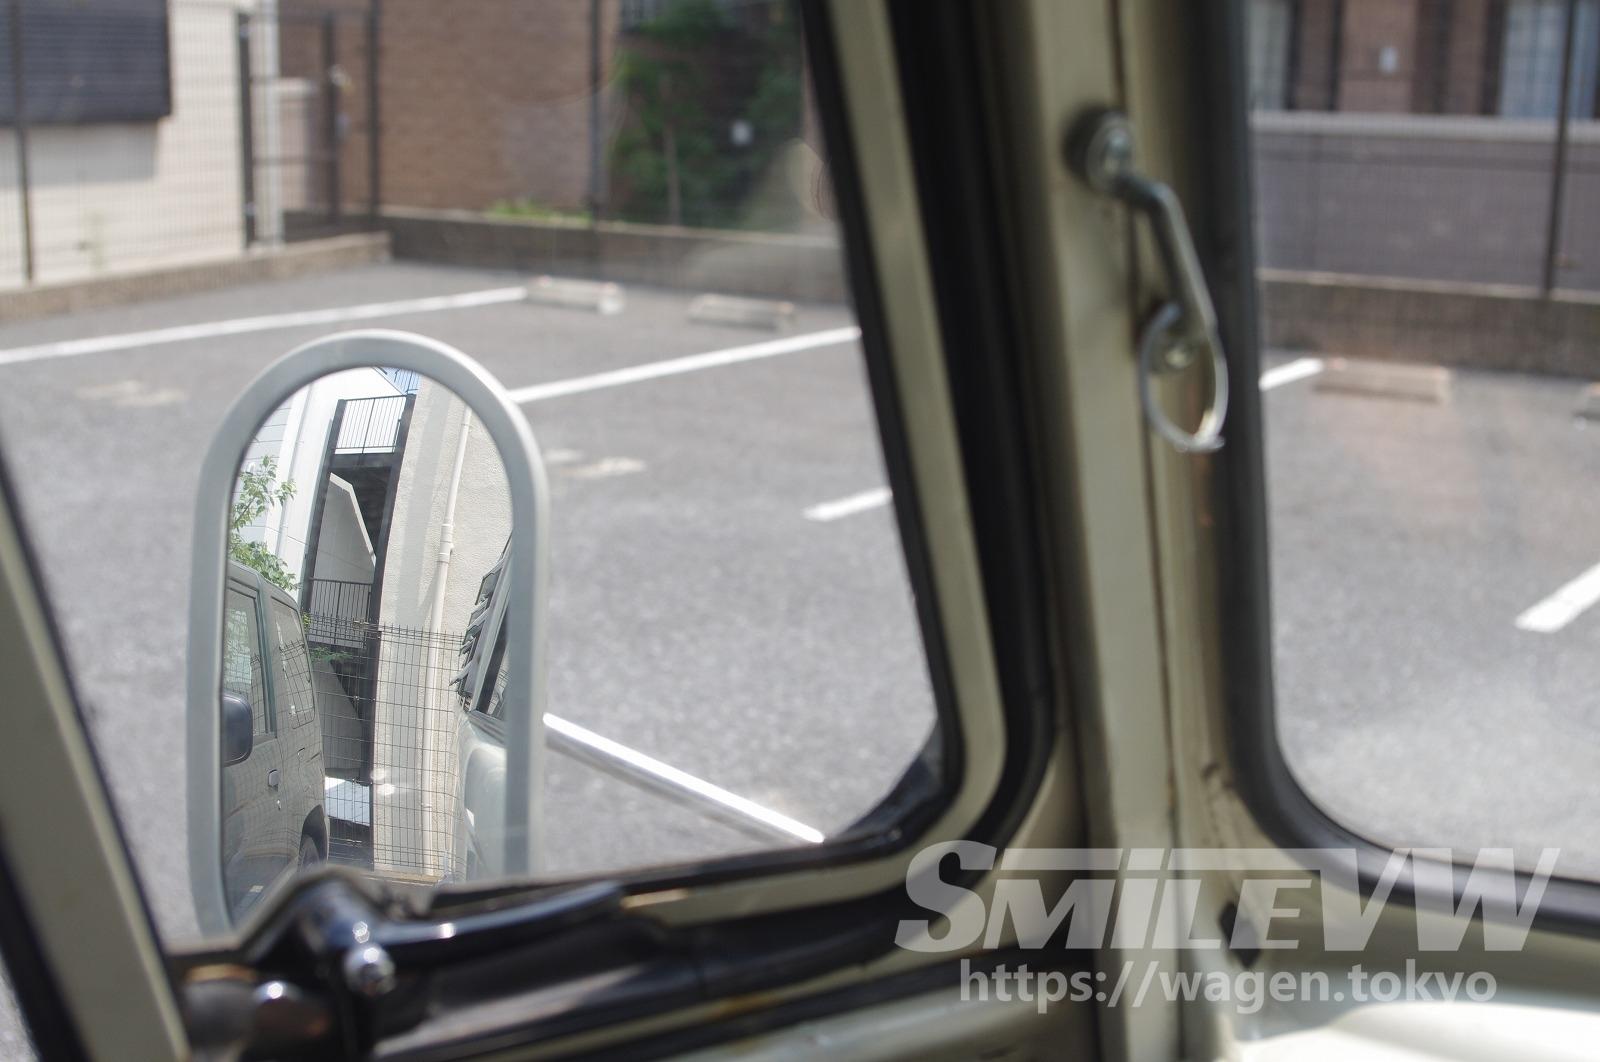 ヤナセミラー曲面鏡